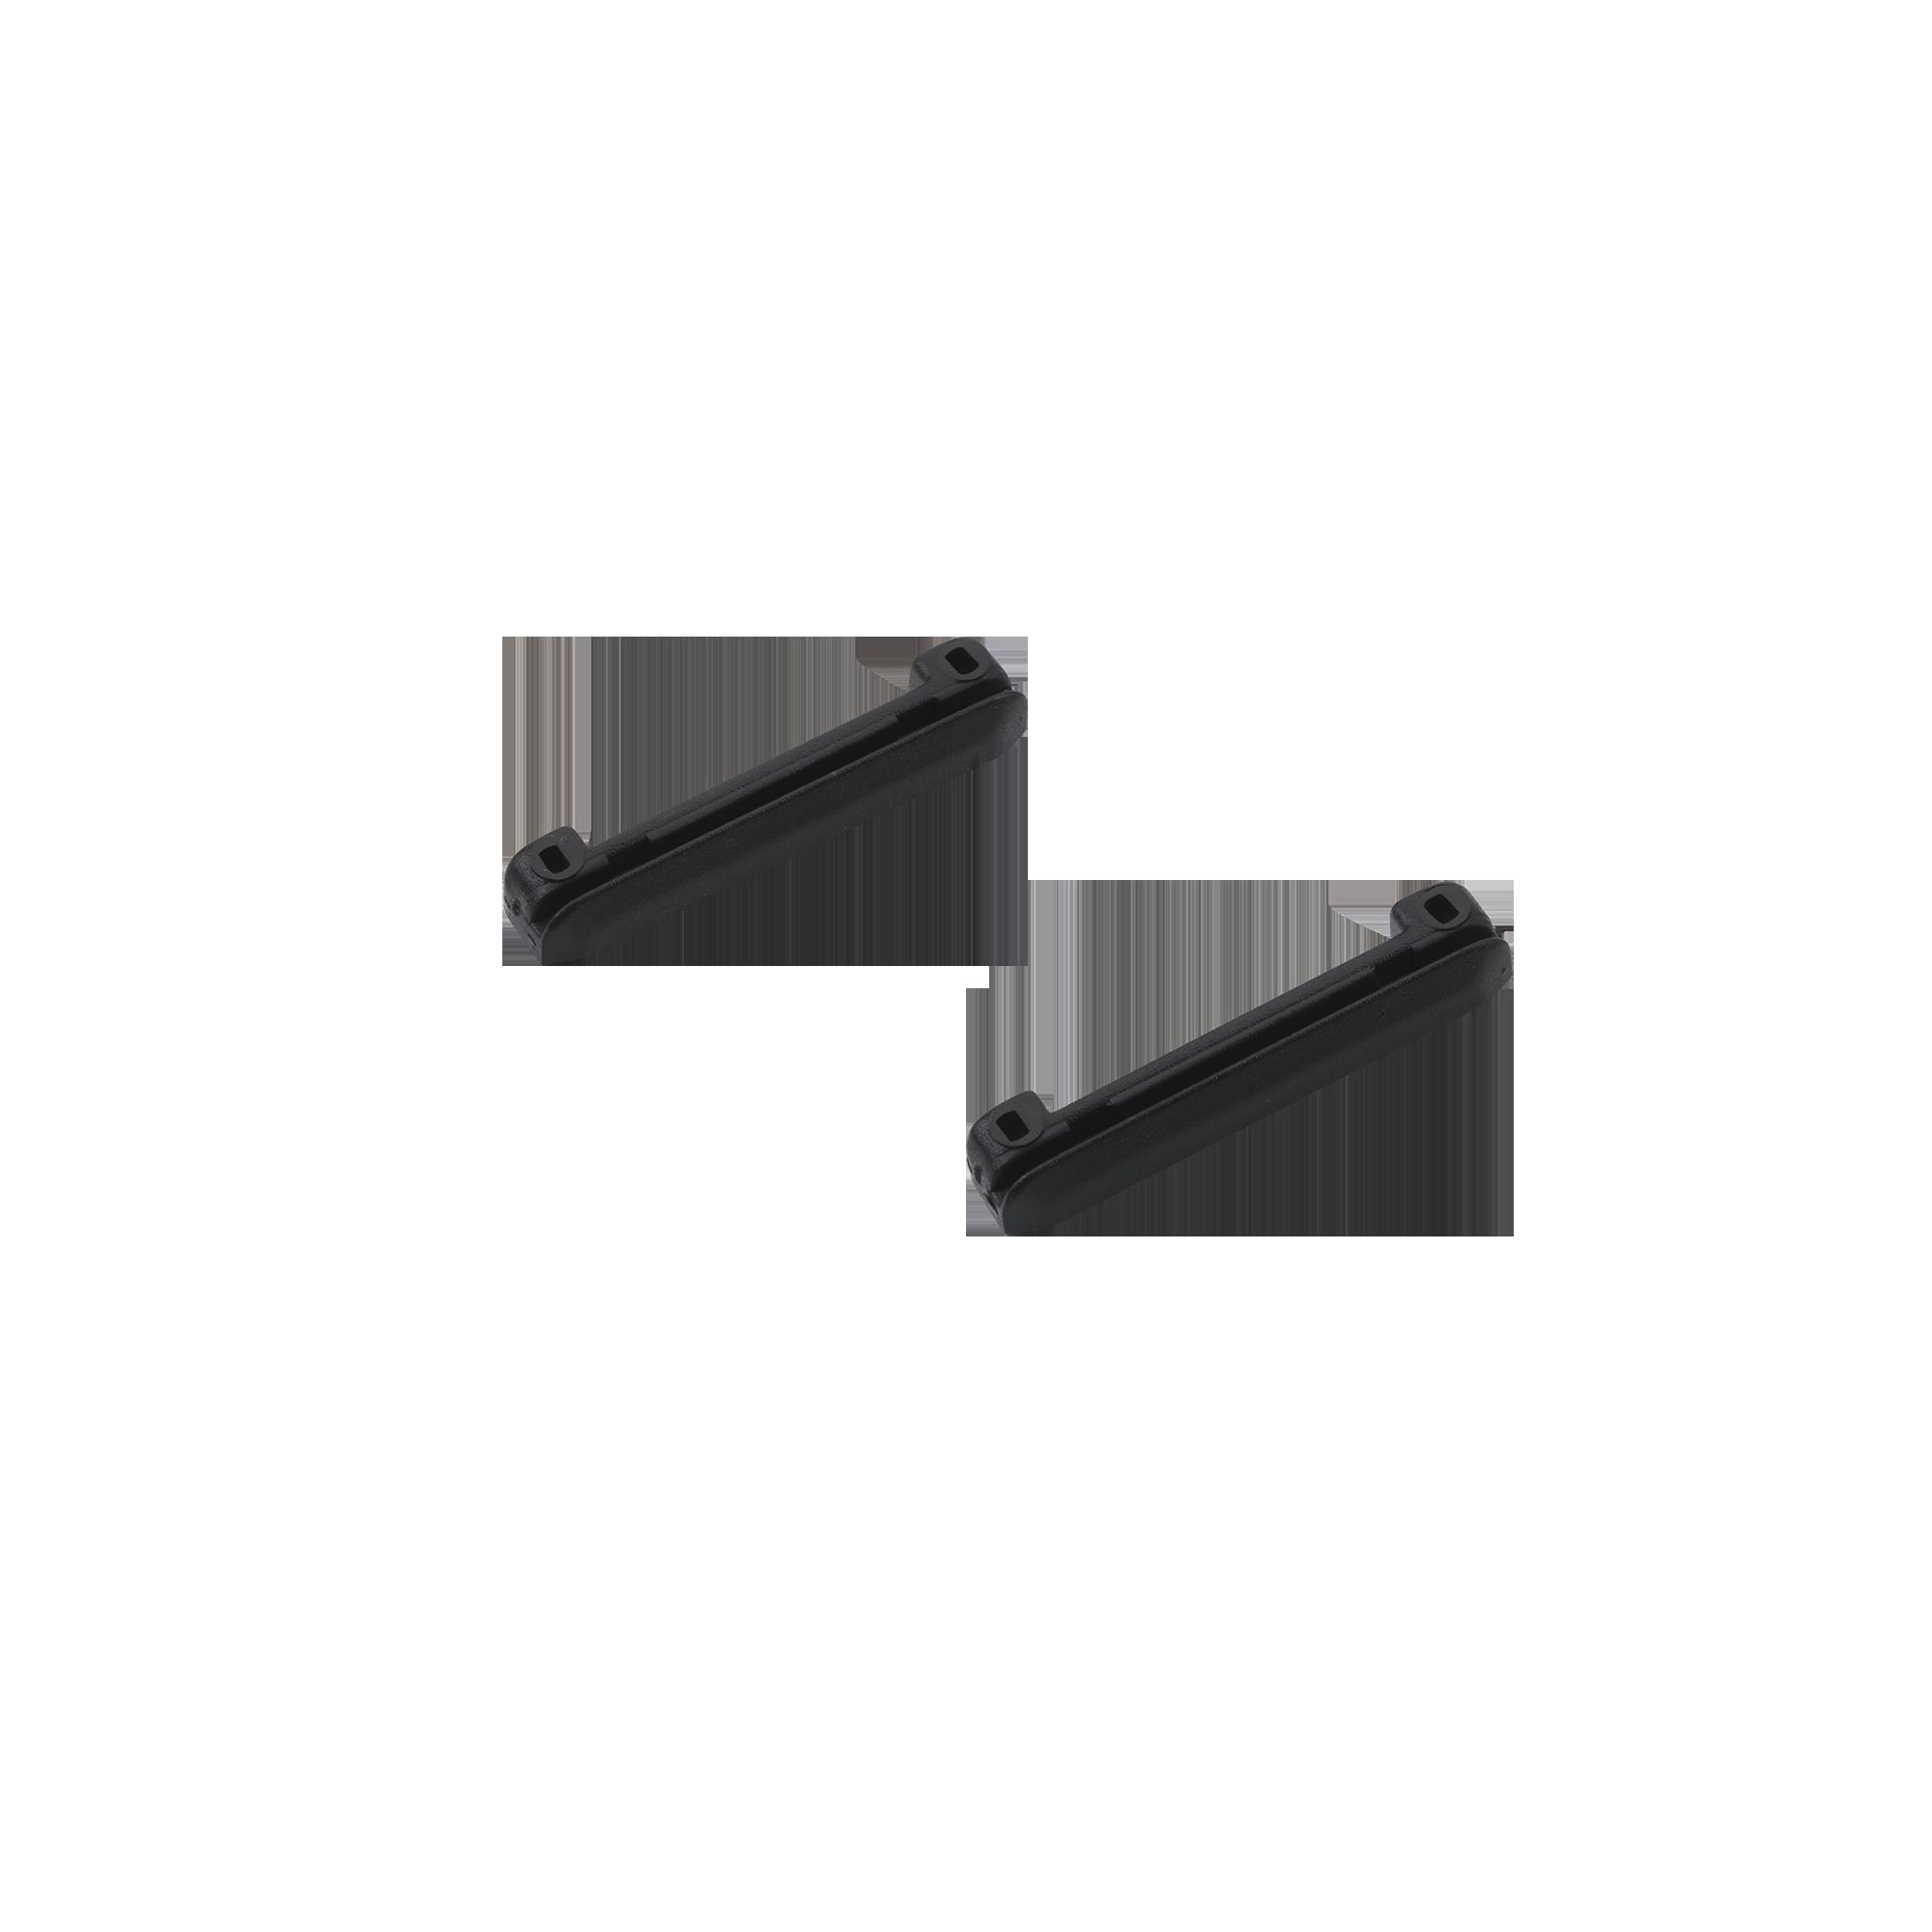 R001073 klapholder sort 2 stk.